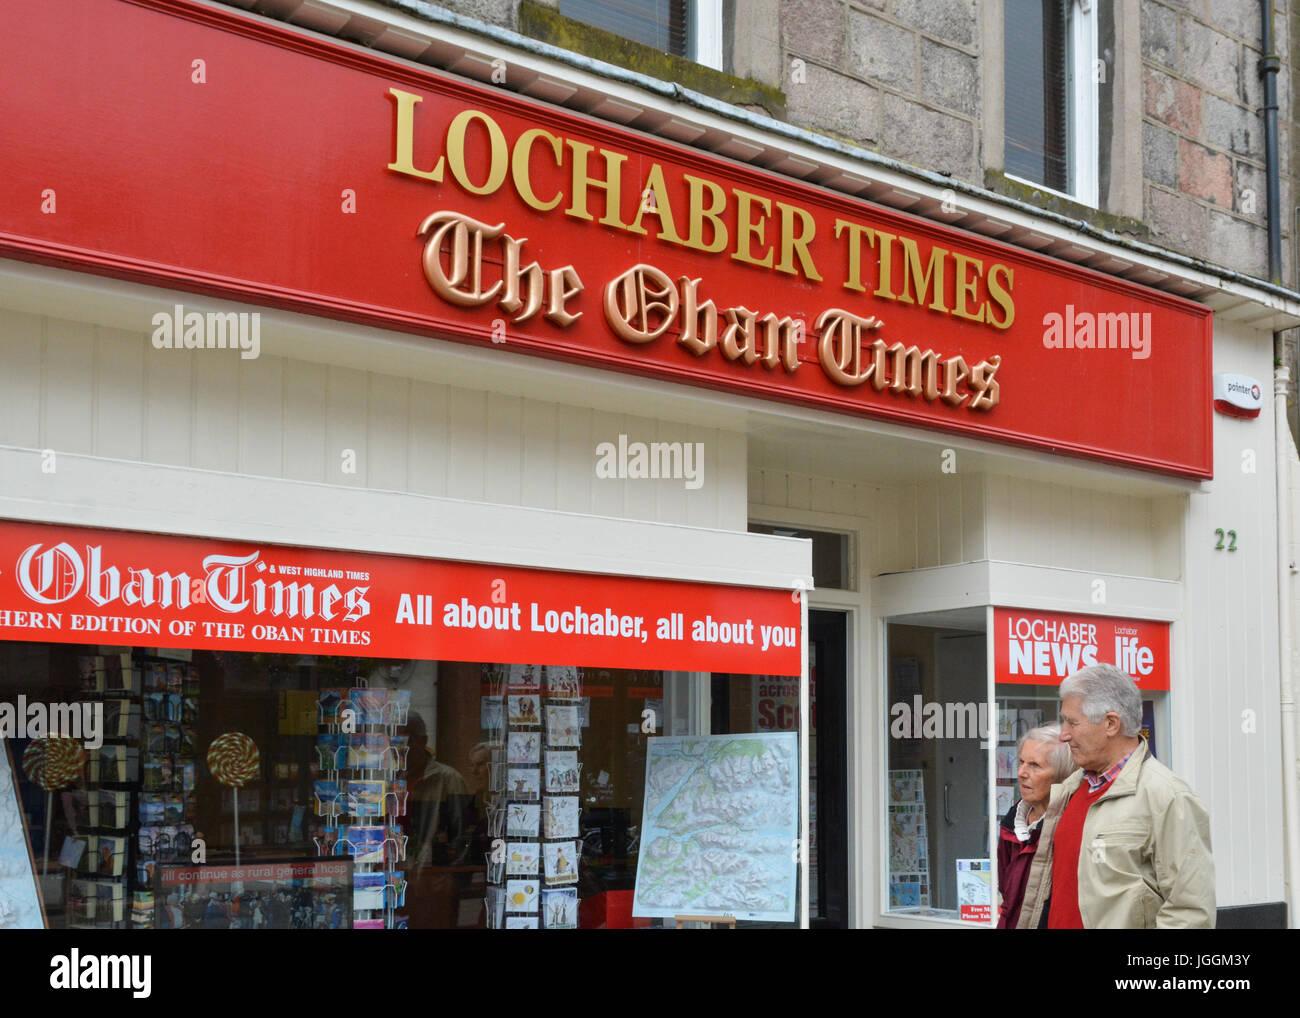 Lochaber volte e l'Oban volte quotidiani locali shop, Fort William, Scotland, Regno Unito Immagini Stock